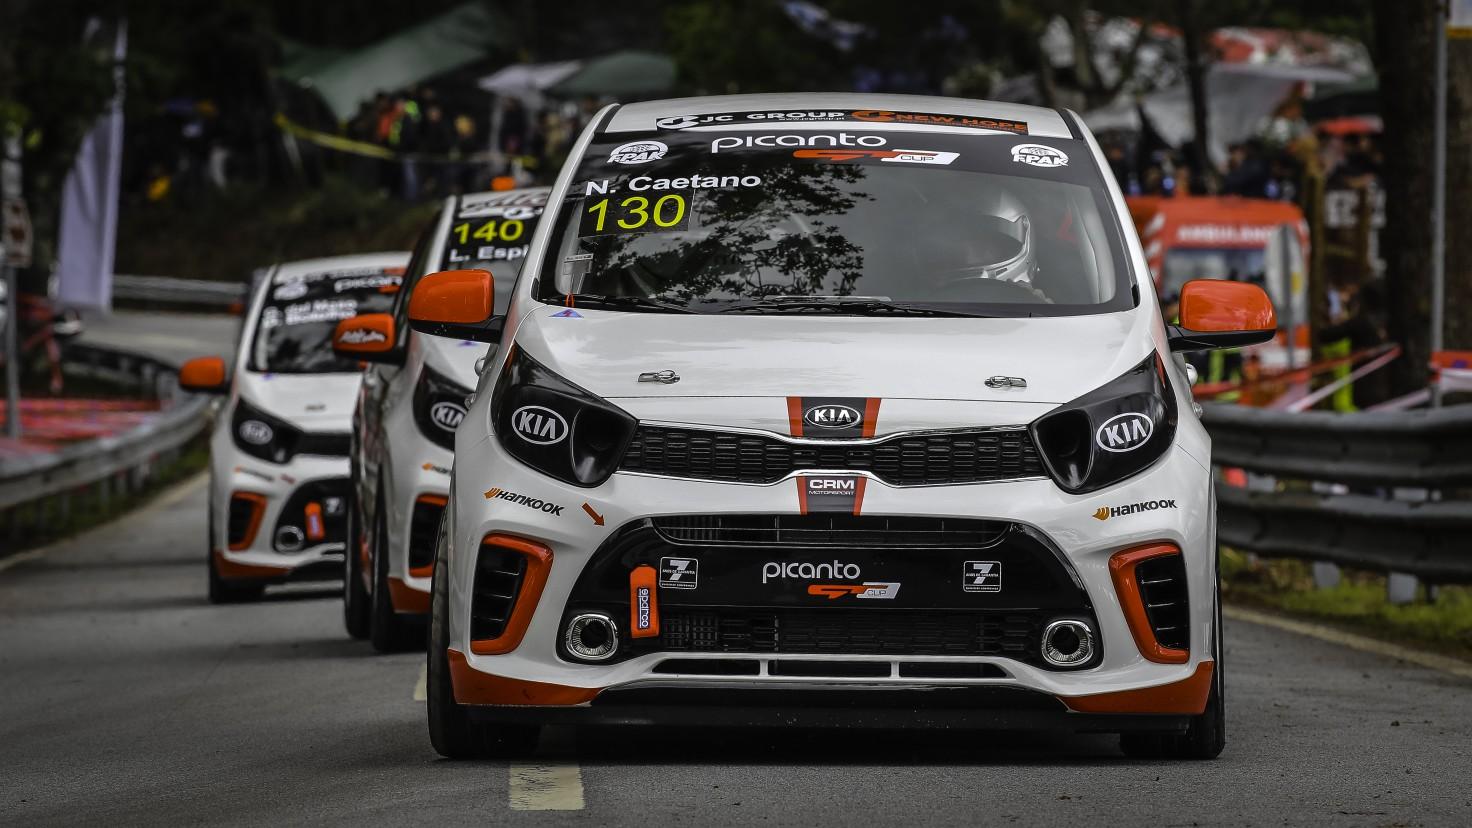 Circuito Vila Real : Circuito de vila real cidade em festa autosport autosport